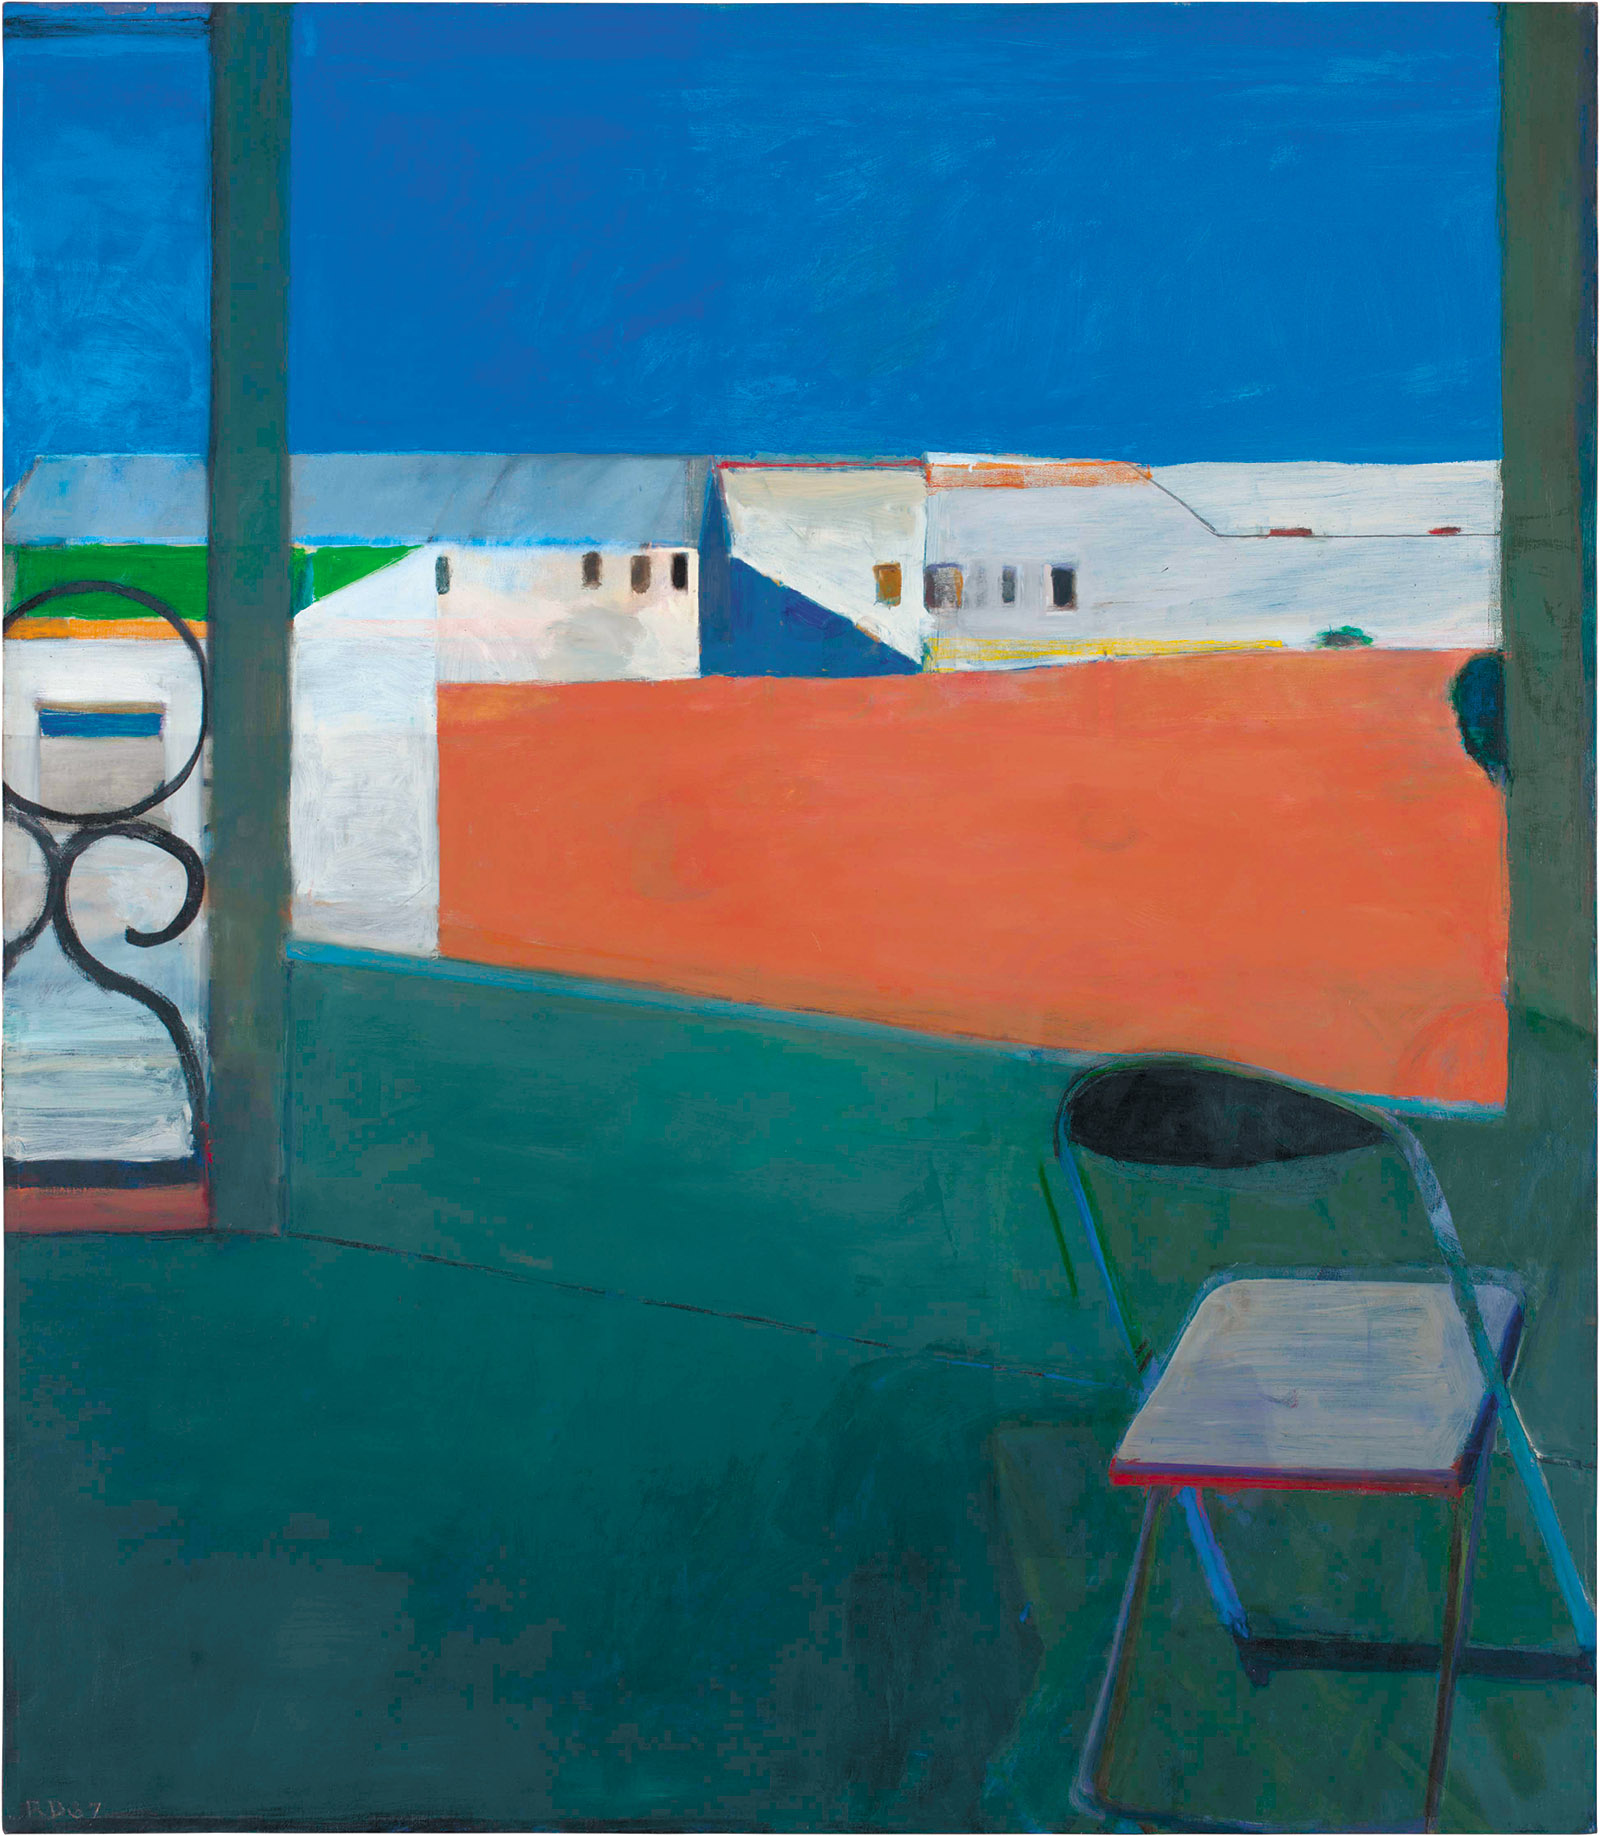 Richard Diebenkorn: Window, 92 x 80 inches, 1967